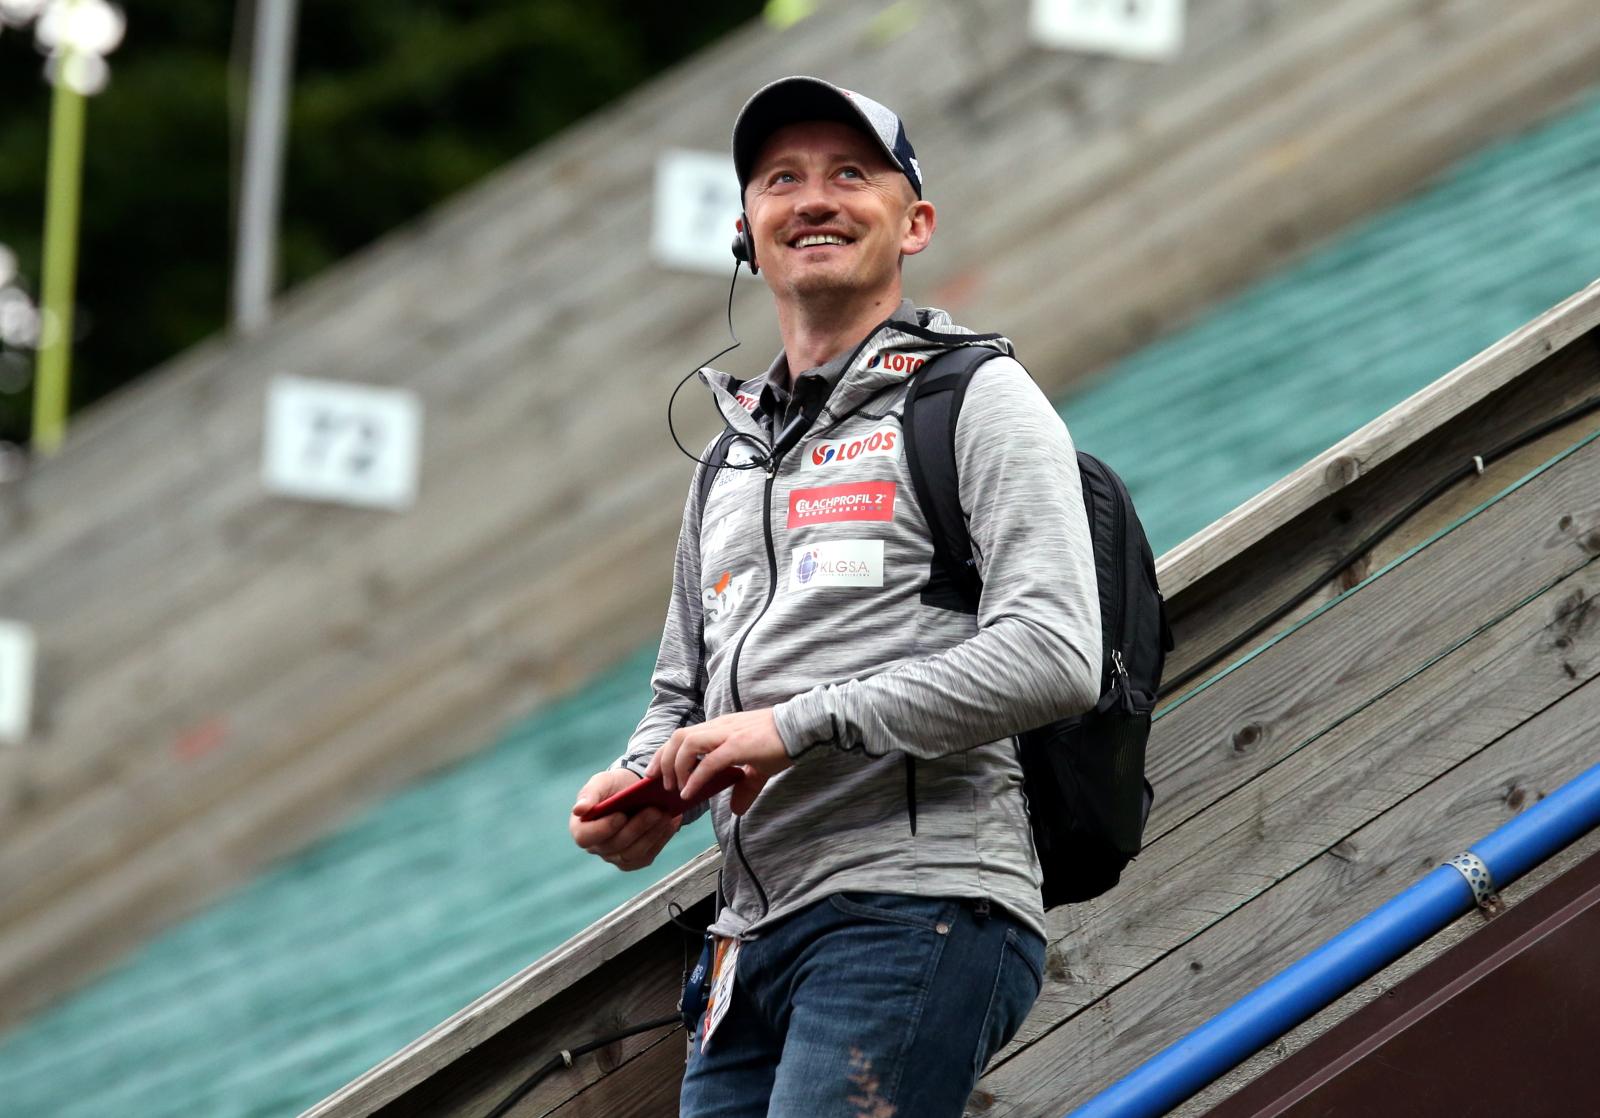 Dyrektor sportowy PZN Adam Małysz. fot. PAP/Grzegorz Momot